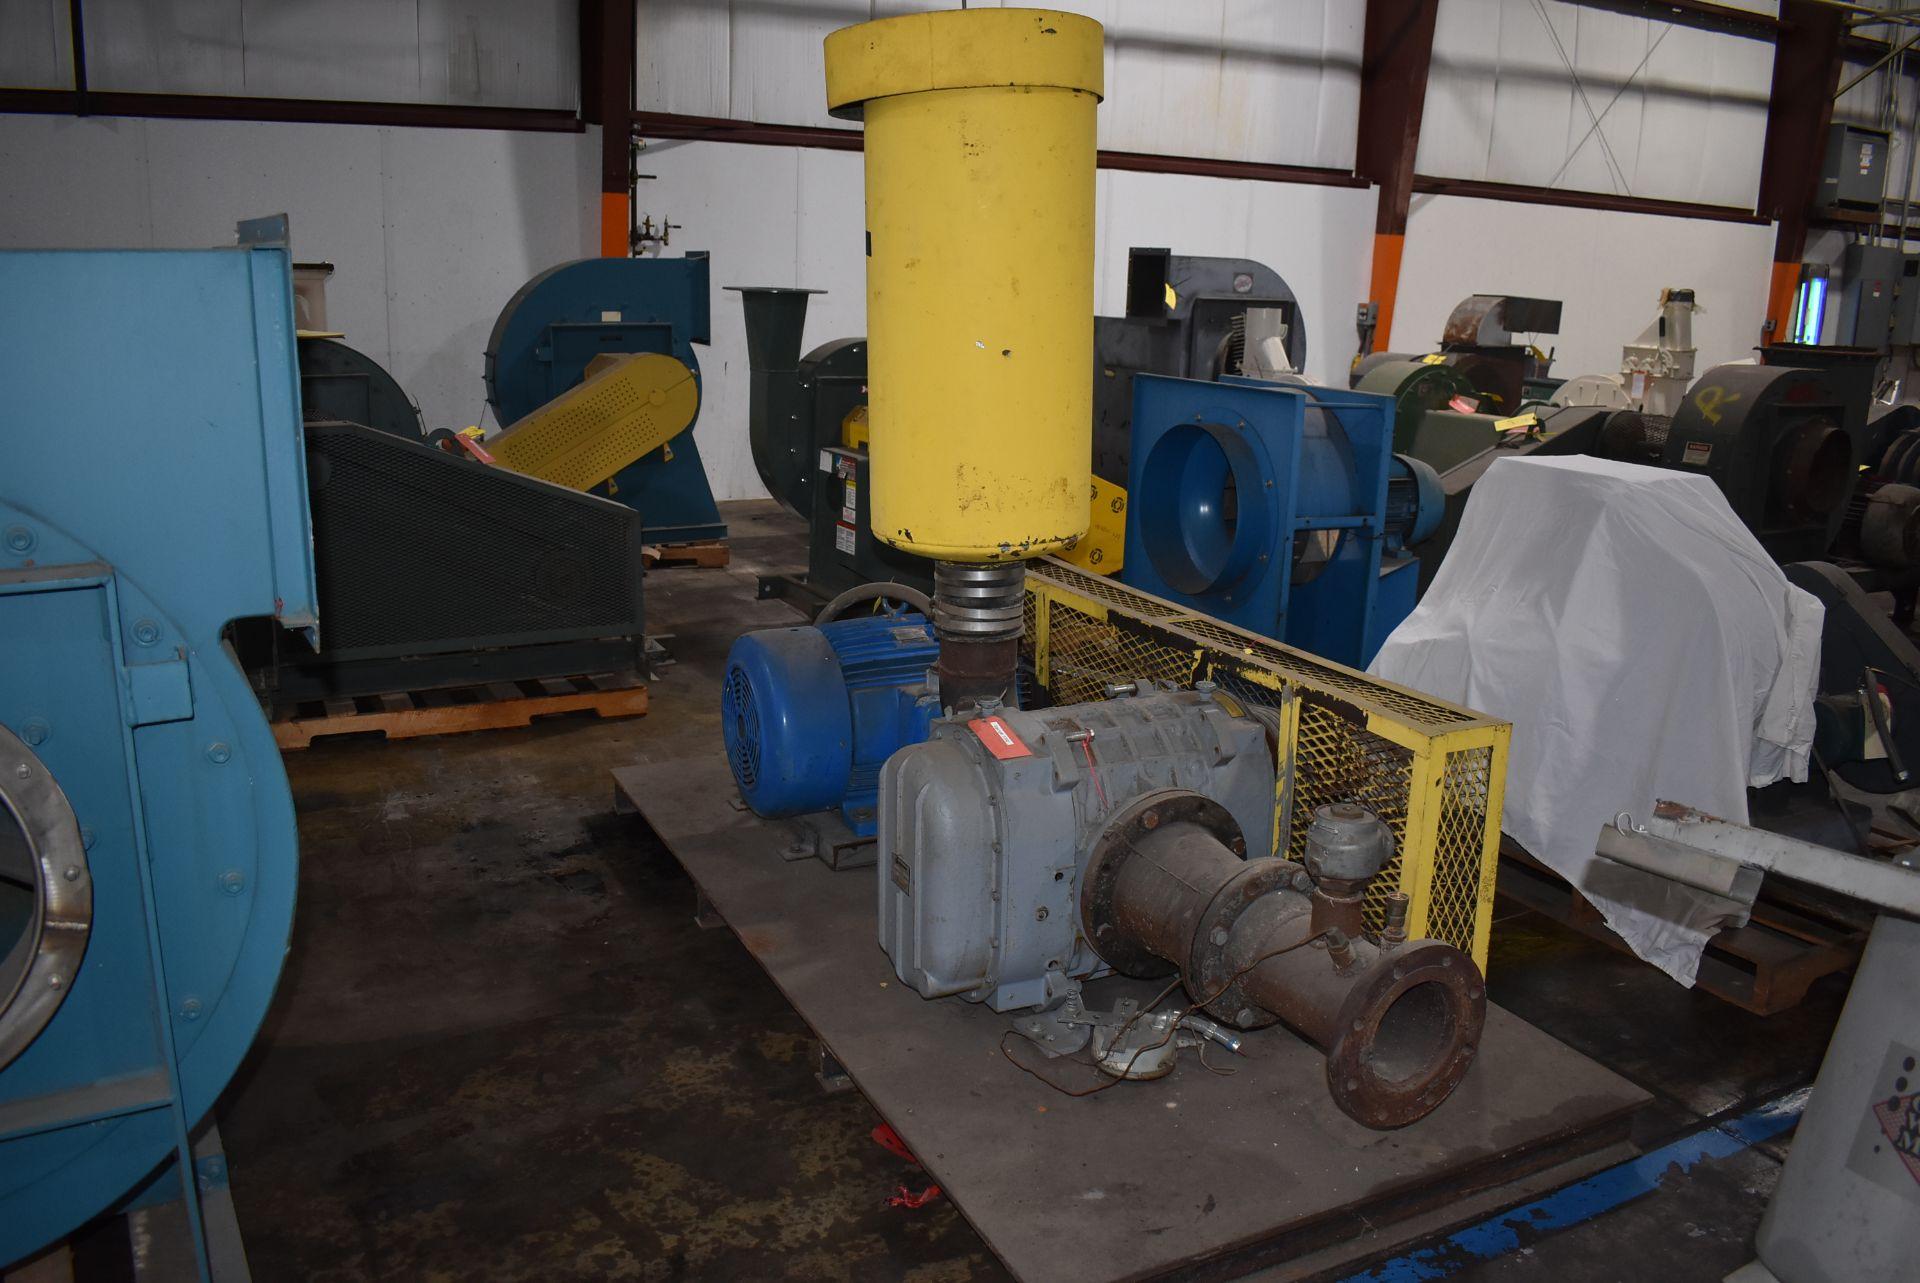 Gardner Denver Dura Flow System Catalog 7012 Vac Pump w/75 HP Motor - Image 3 of 4